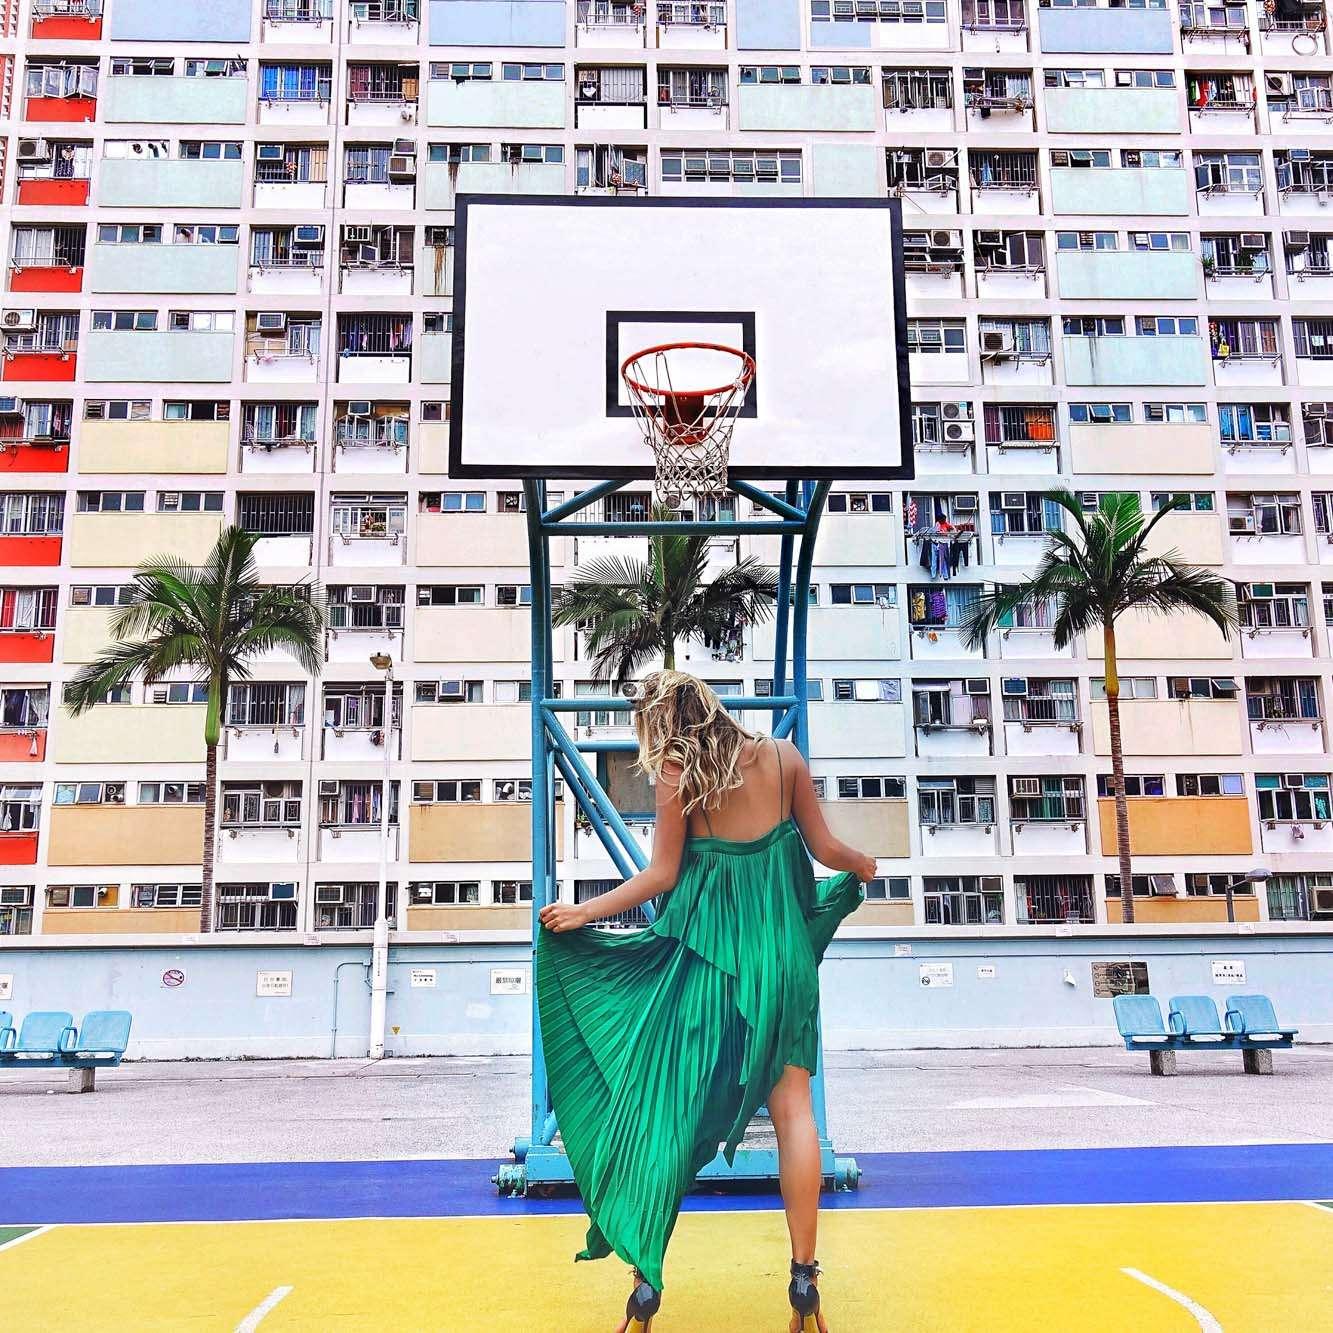 Choi Hung Estate - Hong Kong